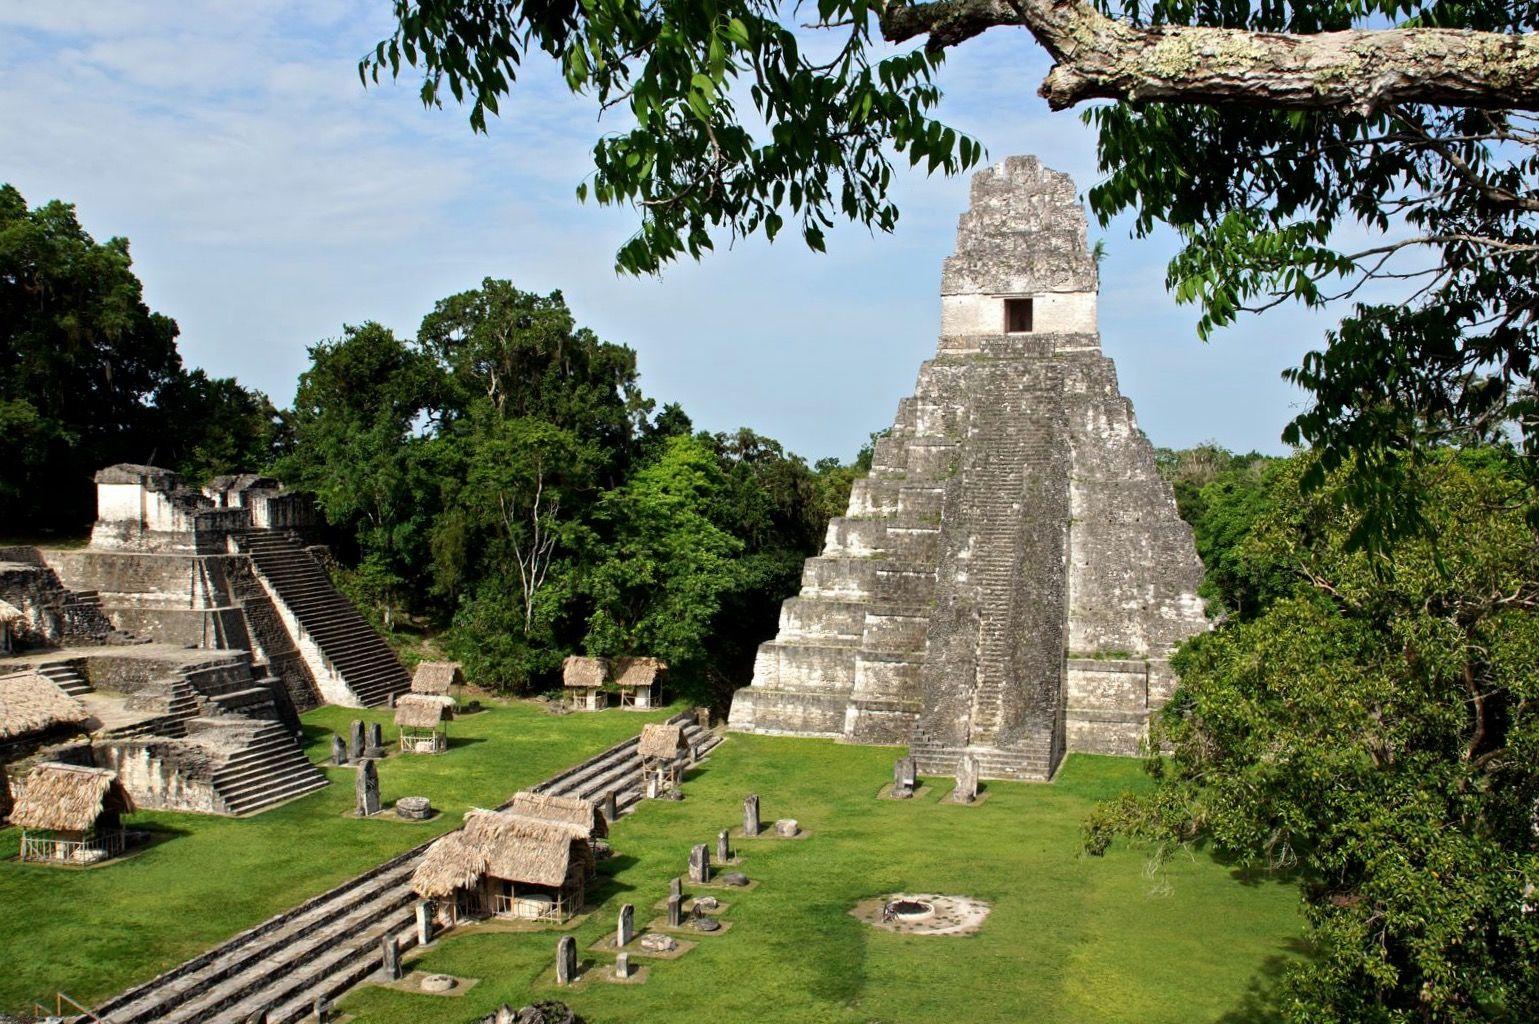 Уникальная находка: в Южной Америке на месте города майя найдено здание дипломатического посольства